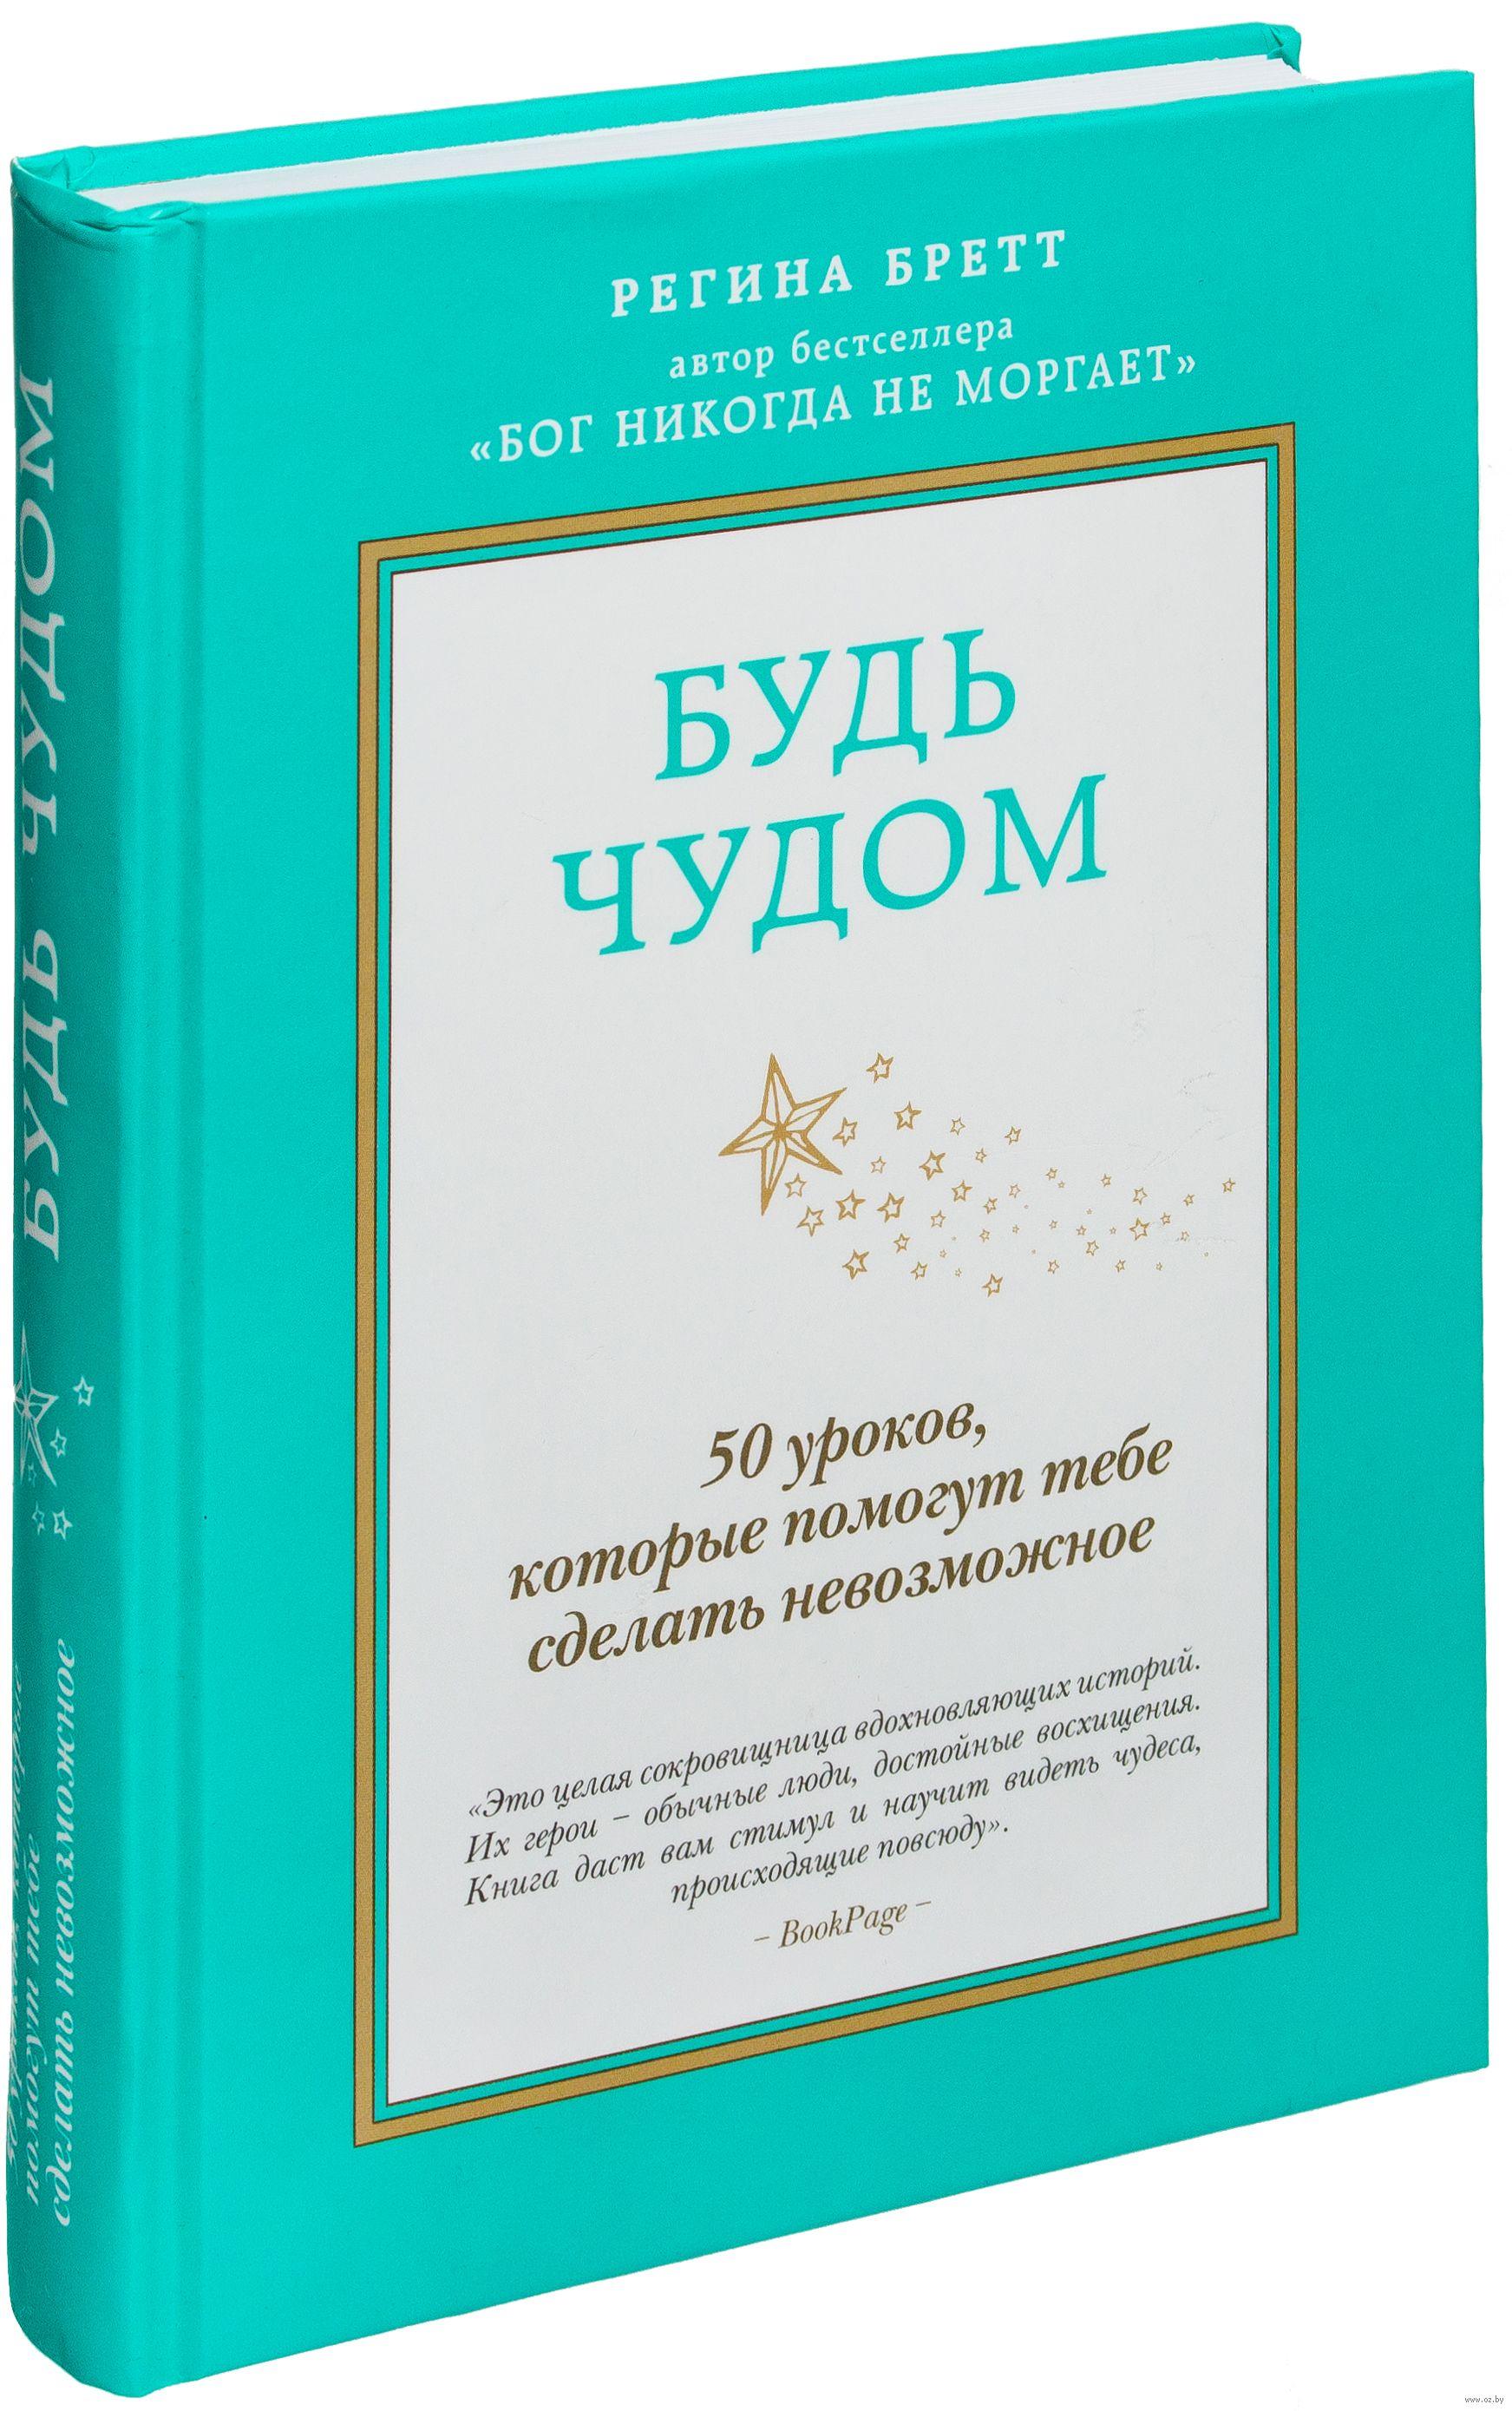 РЕГИНА БРЕТТ 50 УРОКОВ СКАЧАТЬ БЕСПЛАТНО